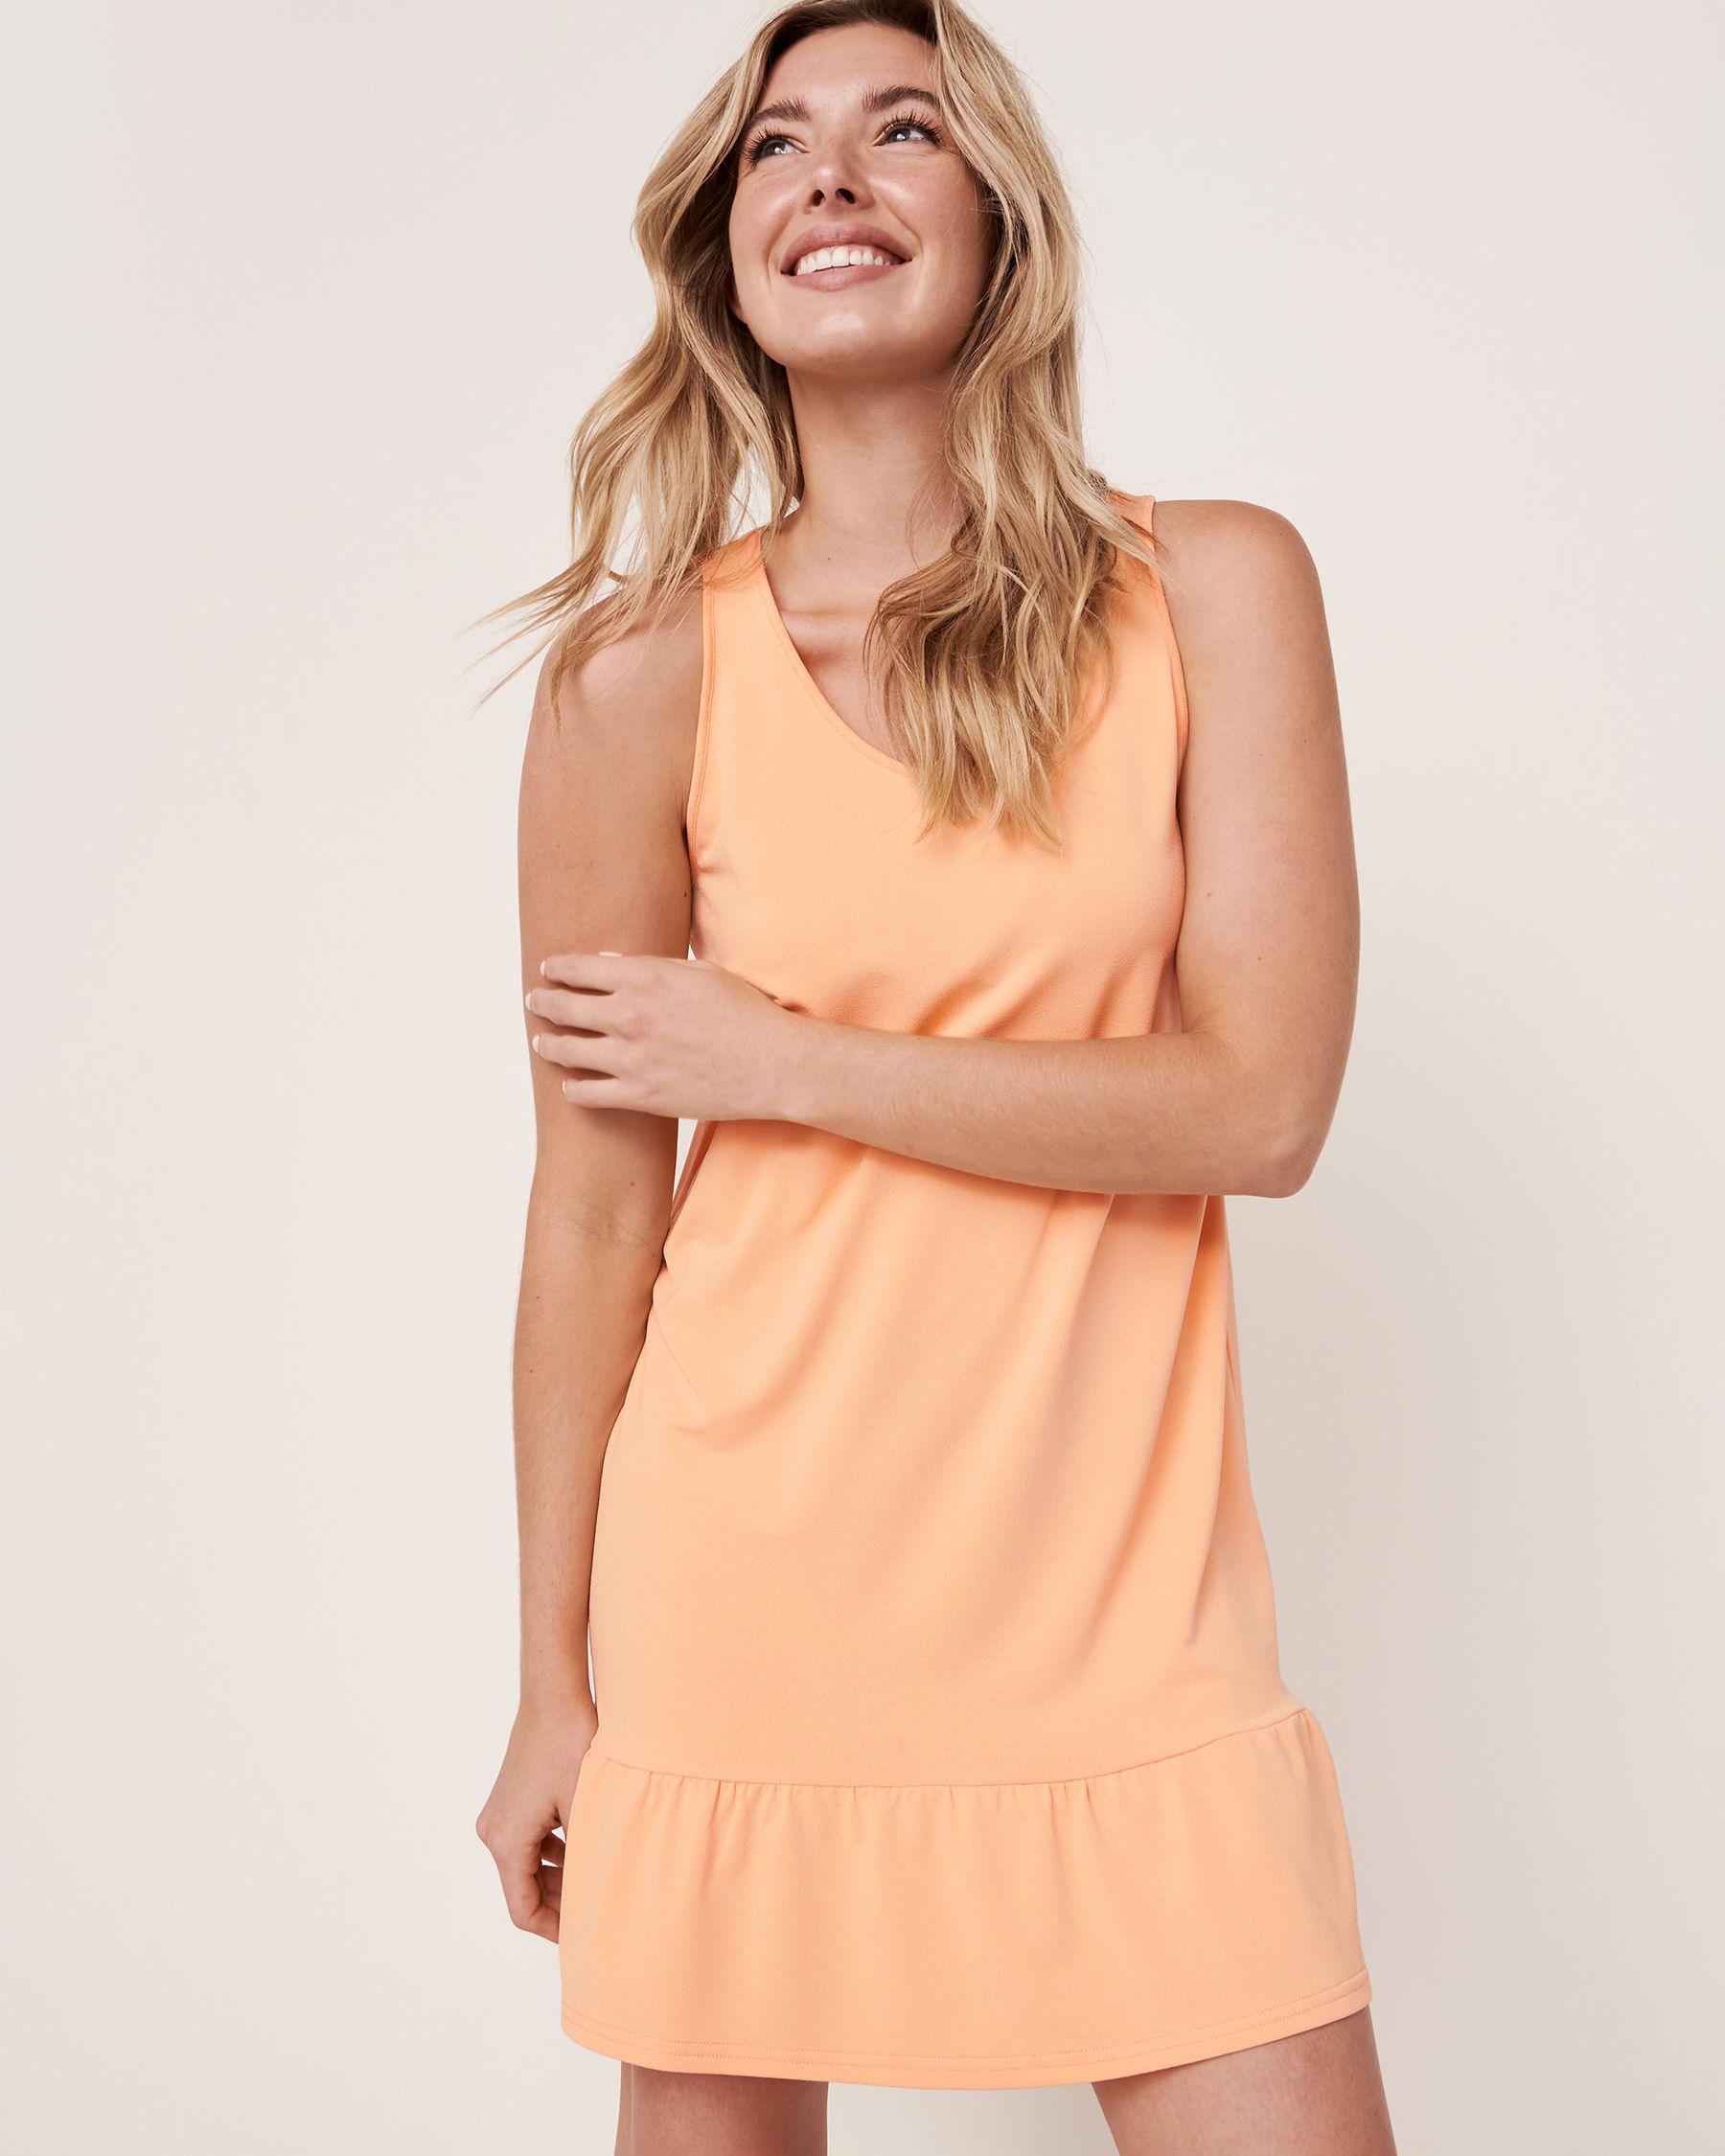 LA VIE EN ROSE AQUA Sleeveless Ruffle Dress Cantaloup 80300019 - View1